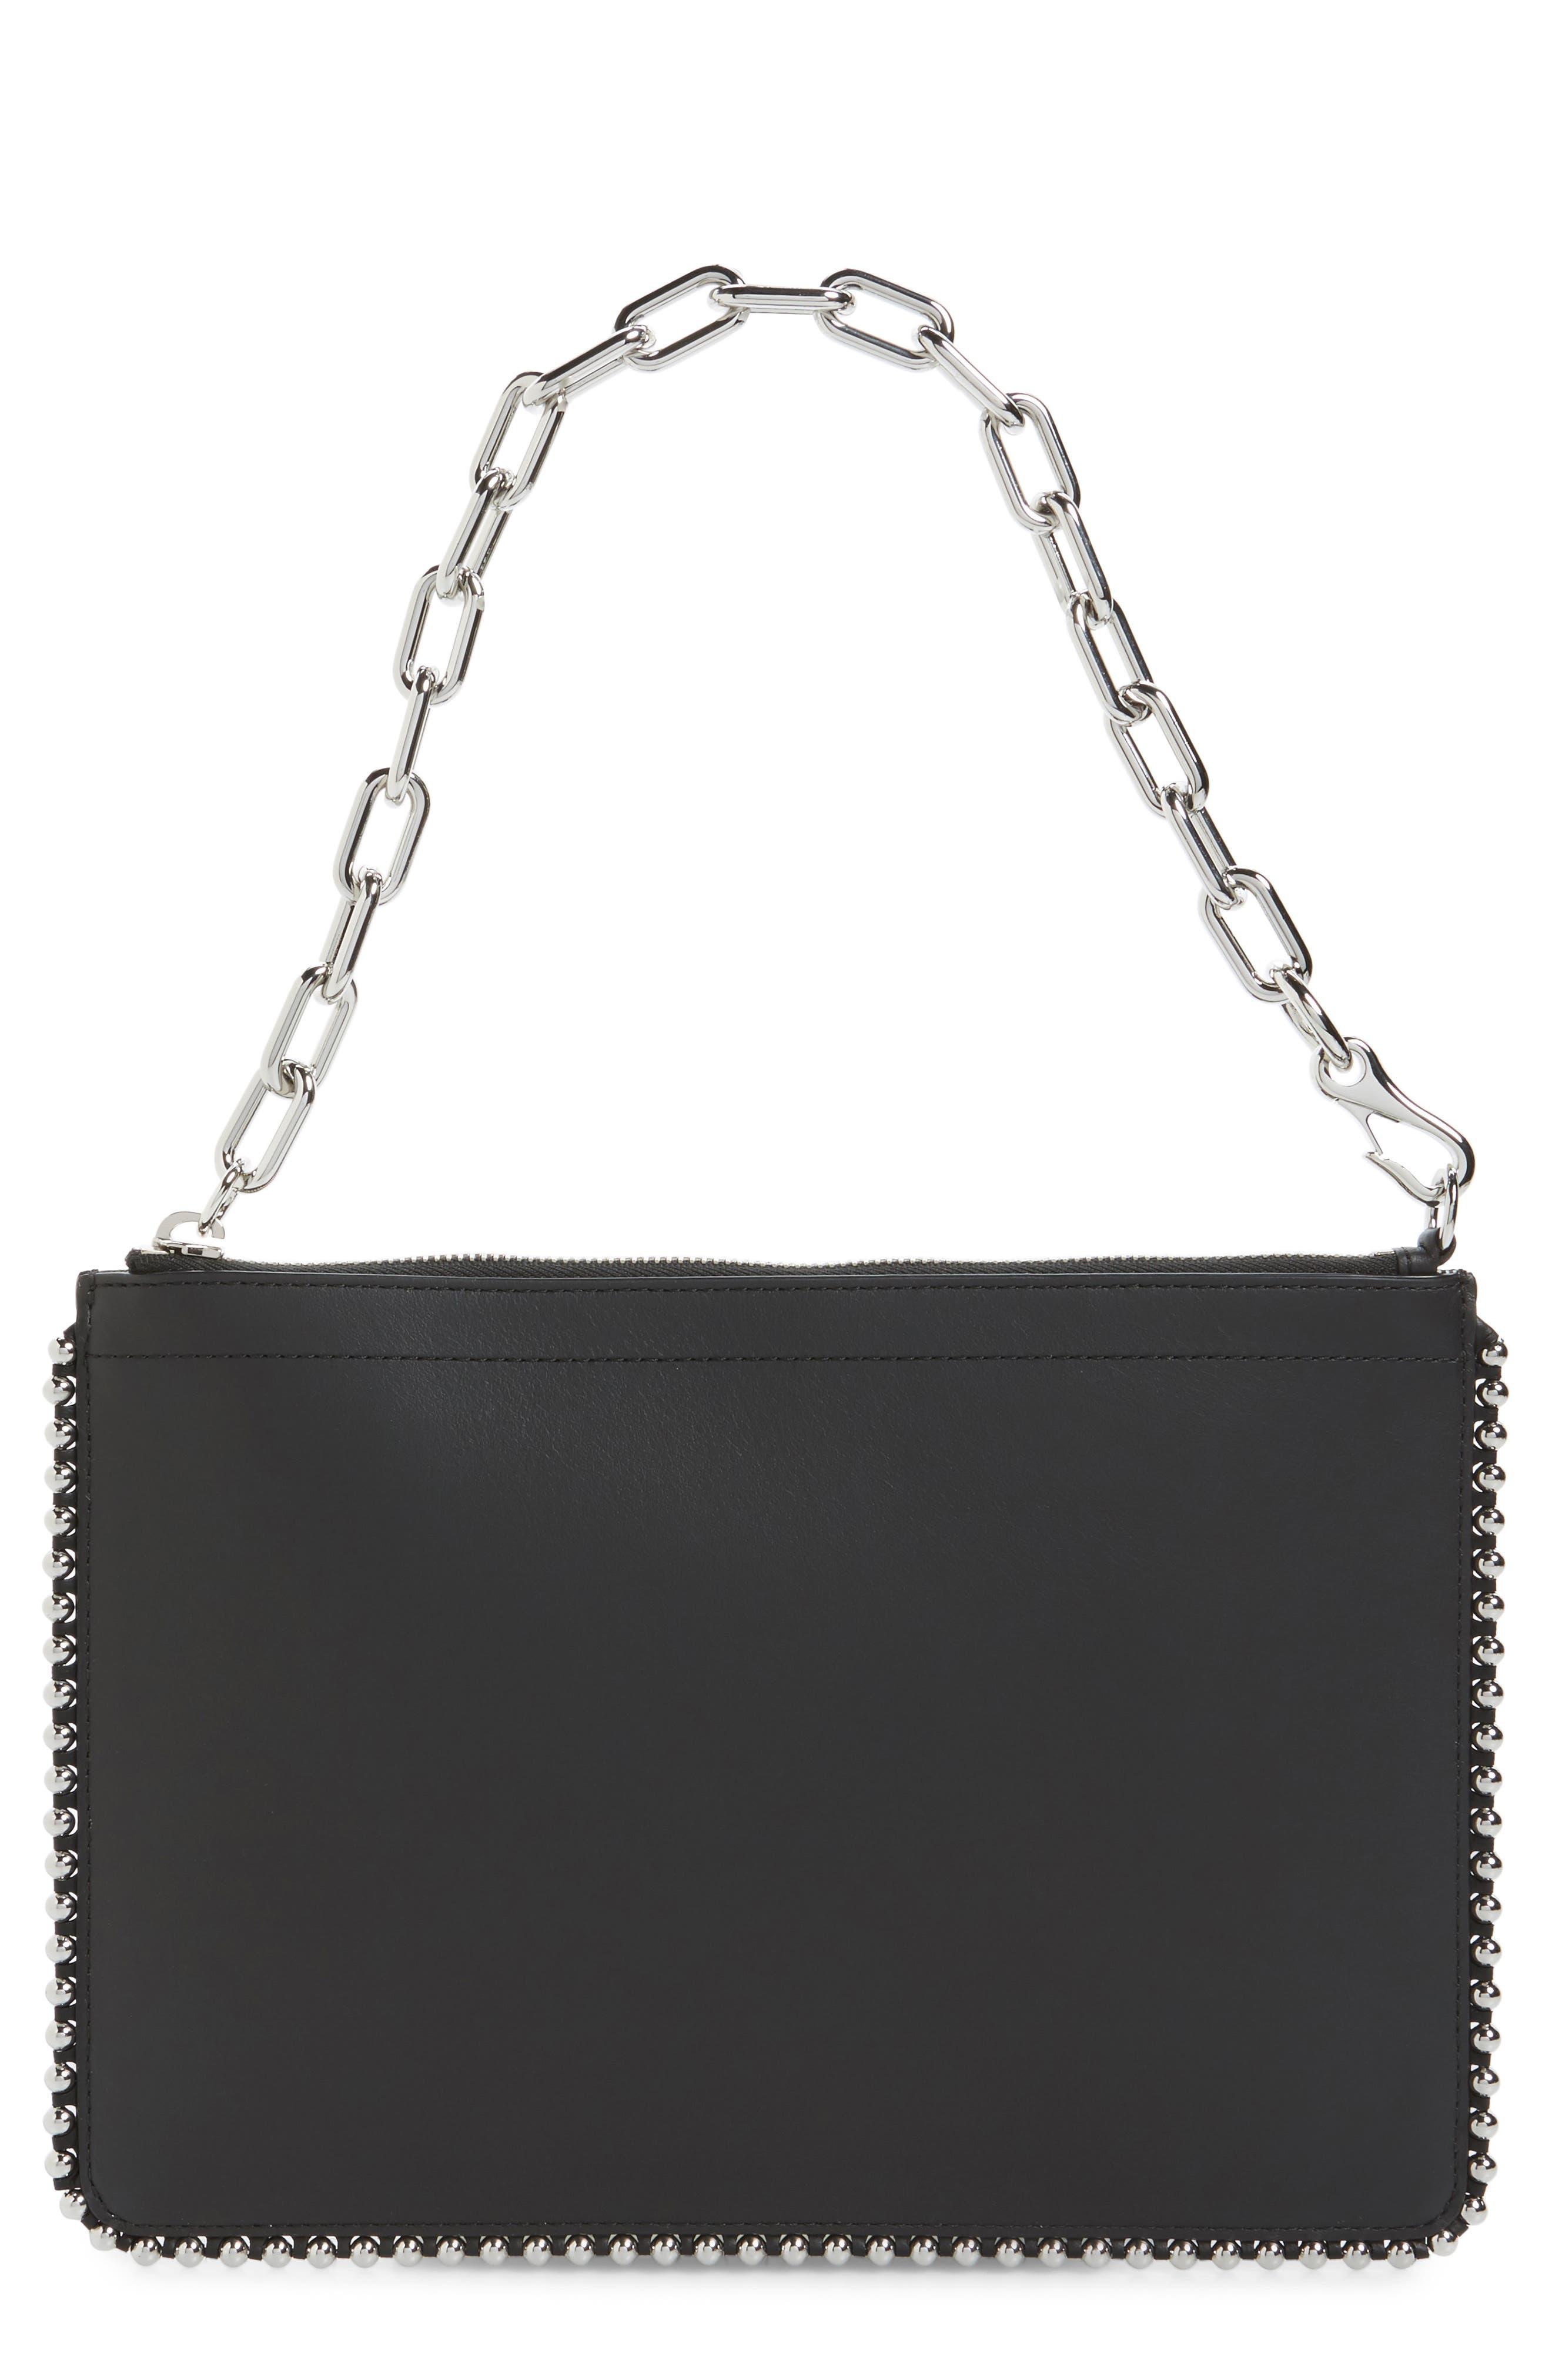 Attica Leather Pouch,                         Main,                         color, Black